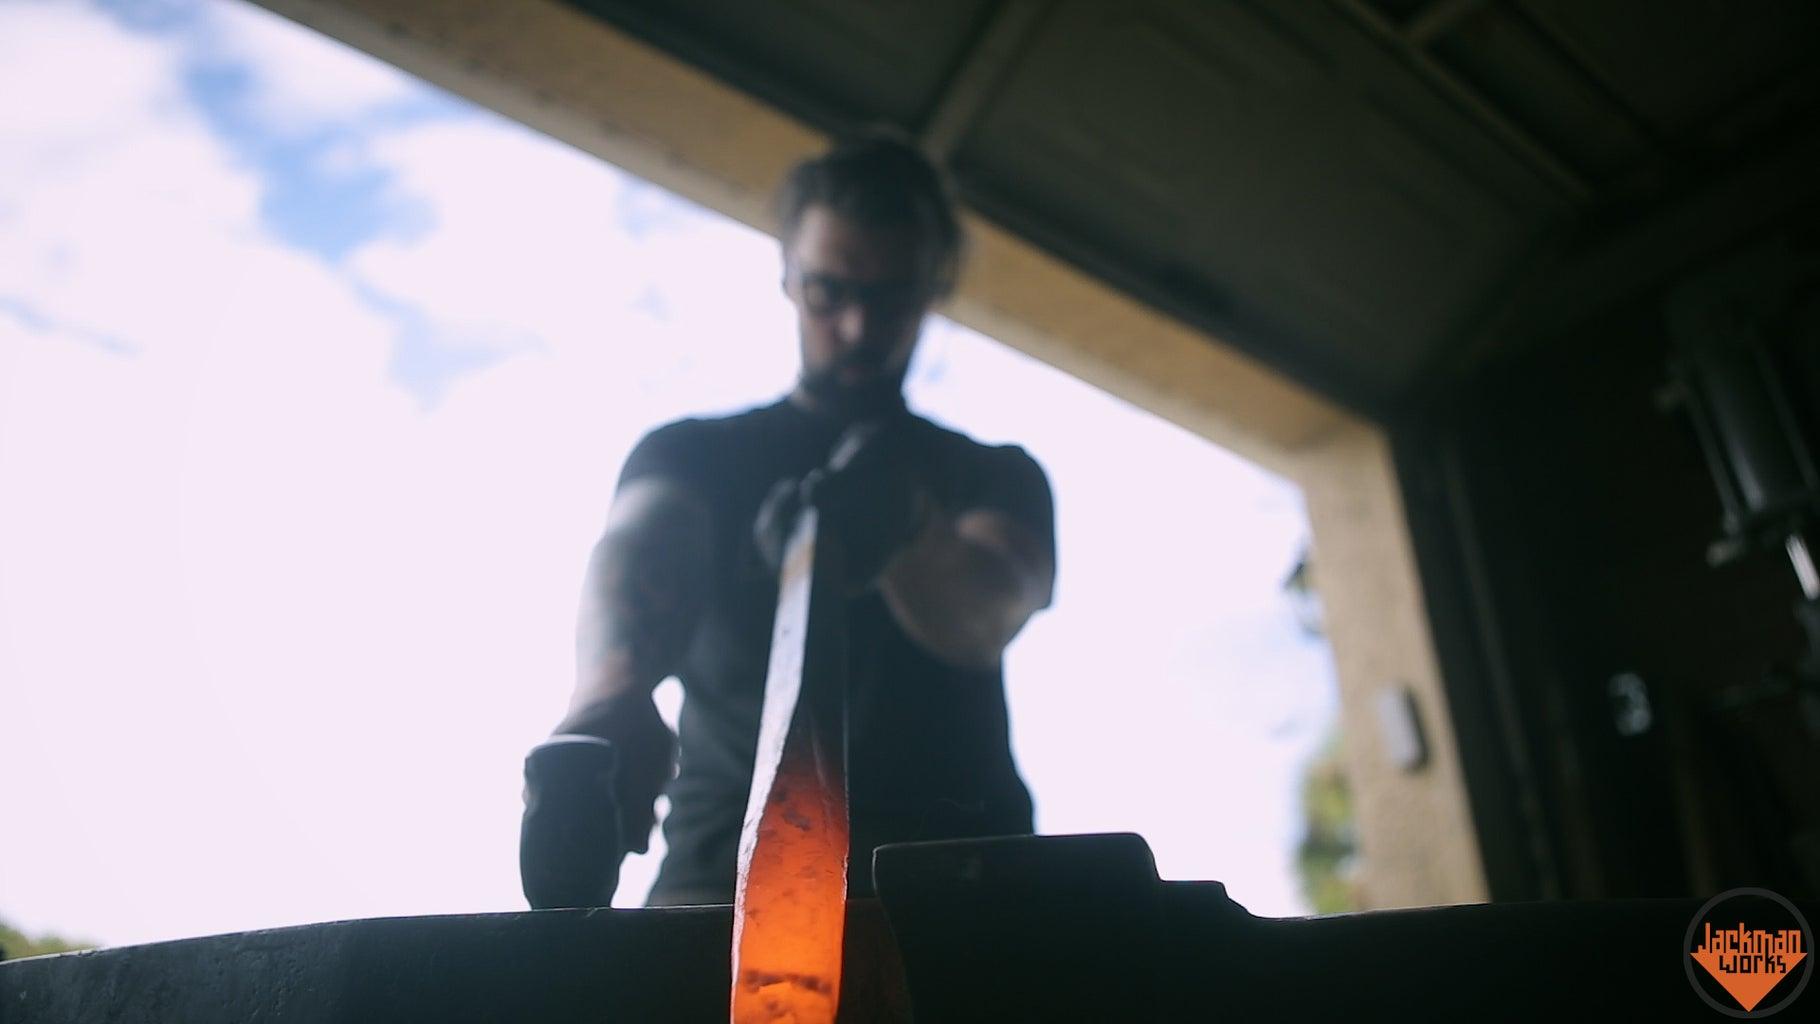 Blacksmithing the Shank